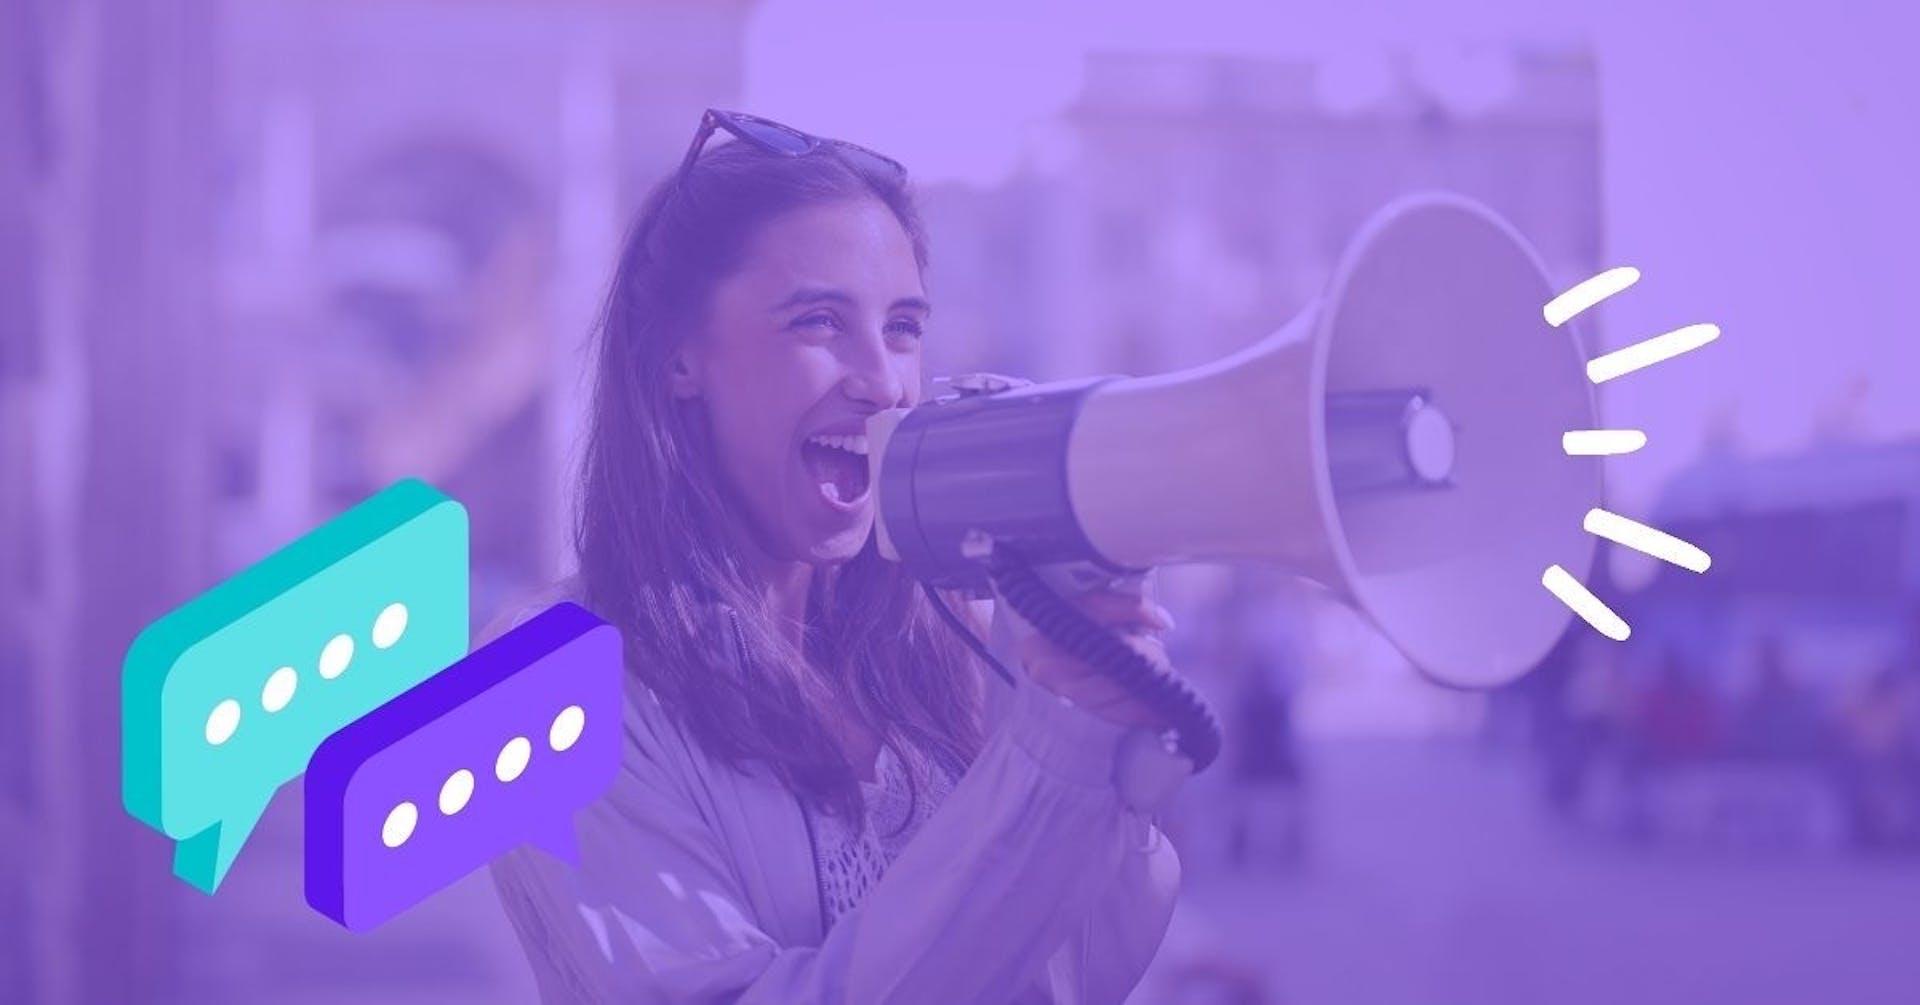 ¿Qué es Share of Voice? Conoce esta métrica del Marketing Digital